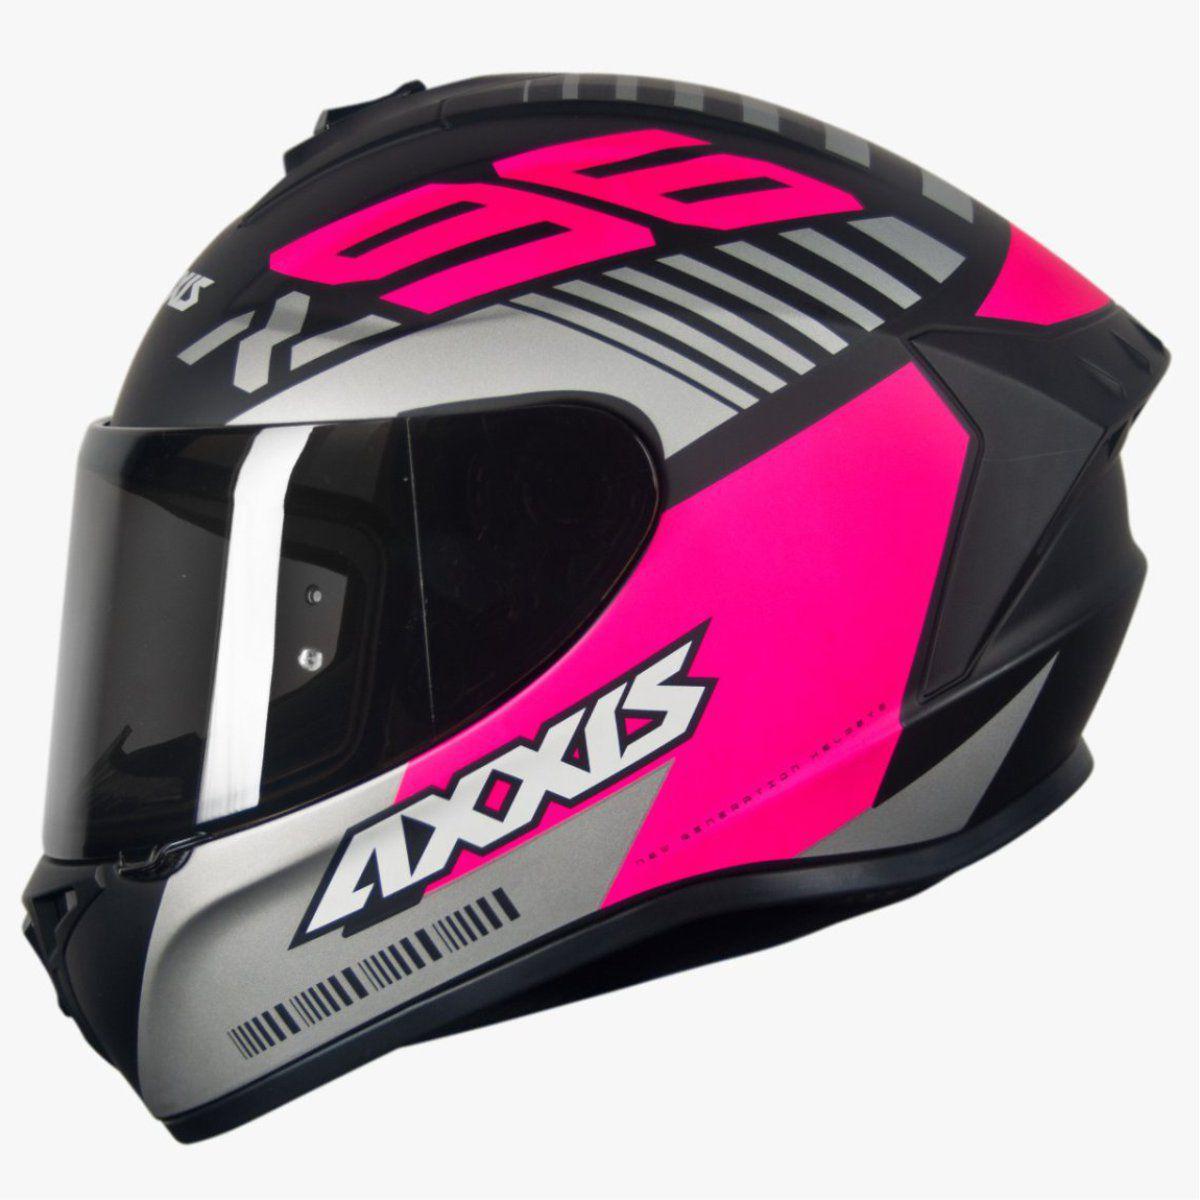 CAPACETE AXXIS DRAKEN Z96 MATT BLACK/PINK/GREY